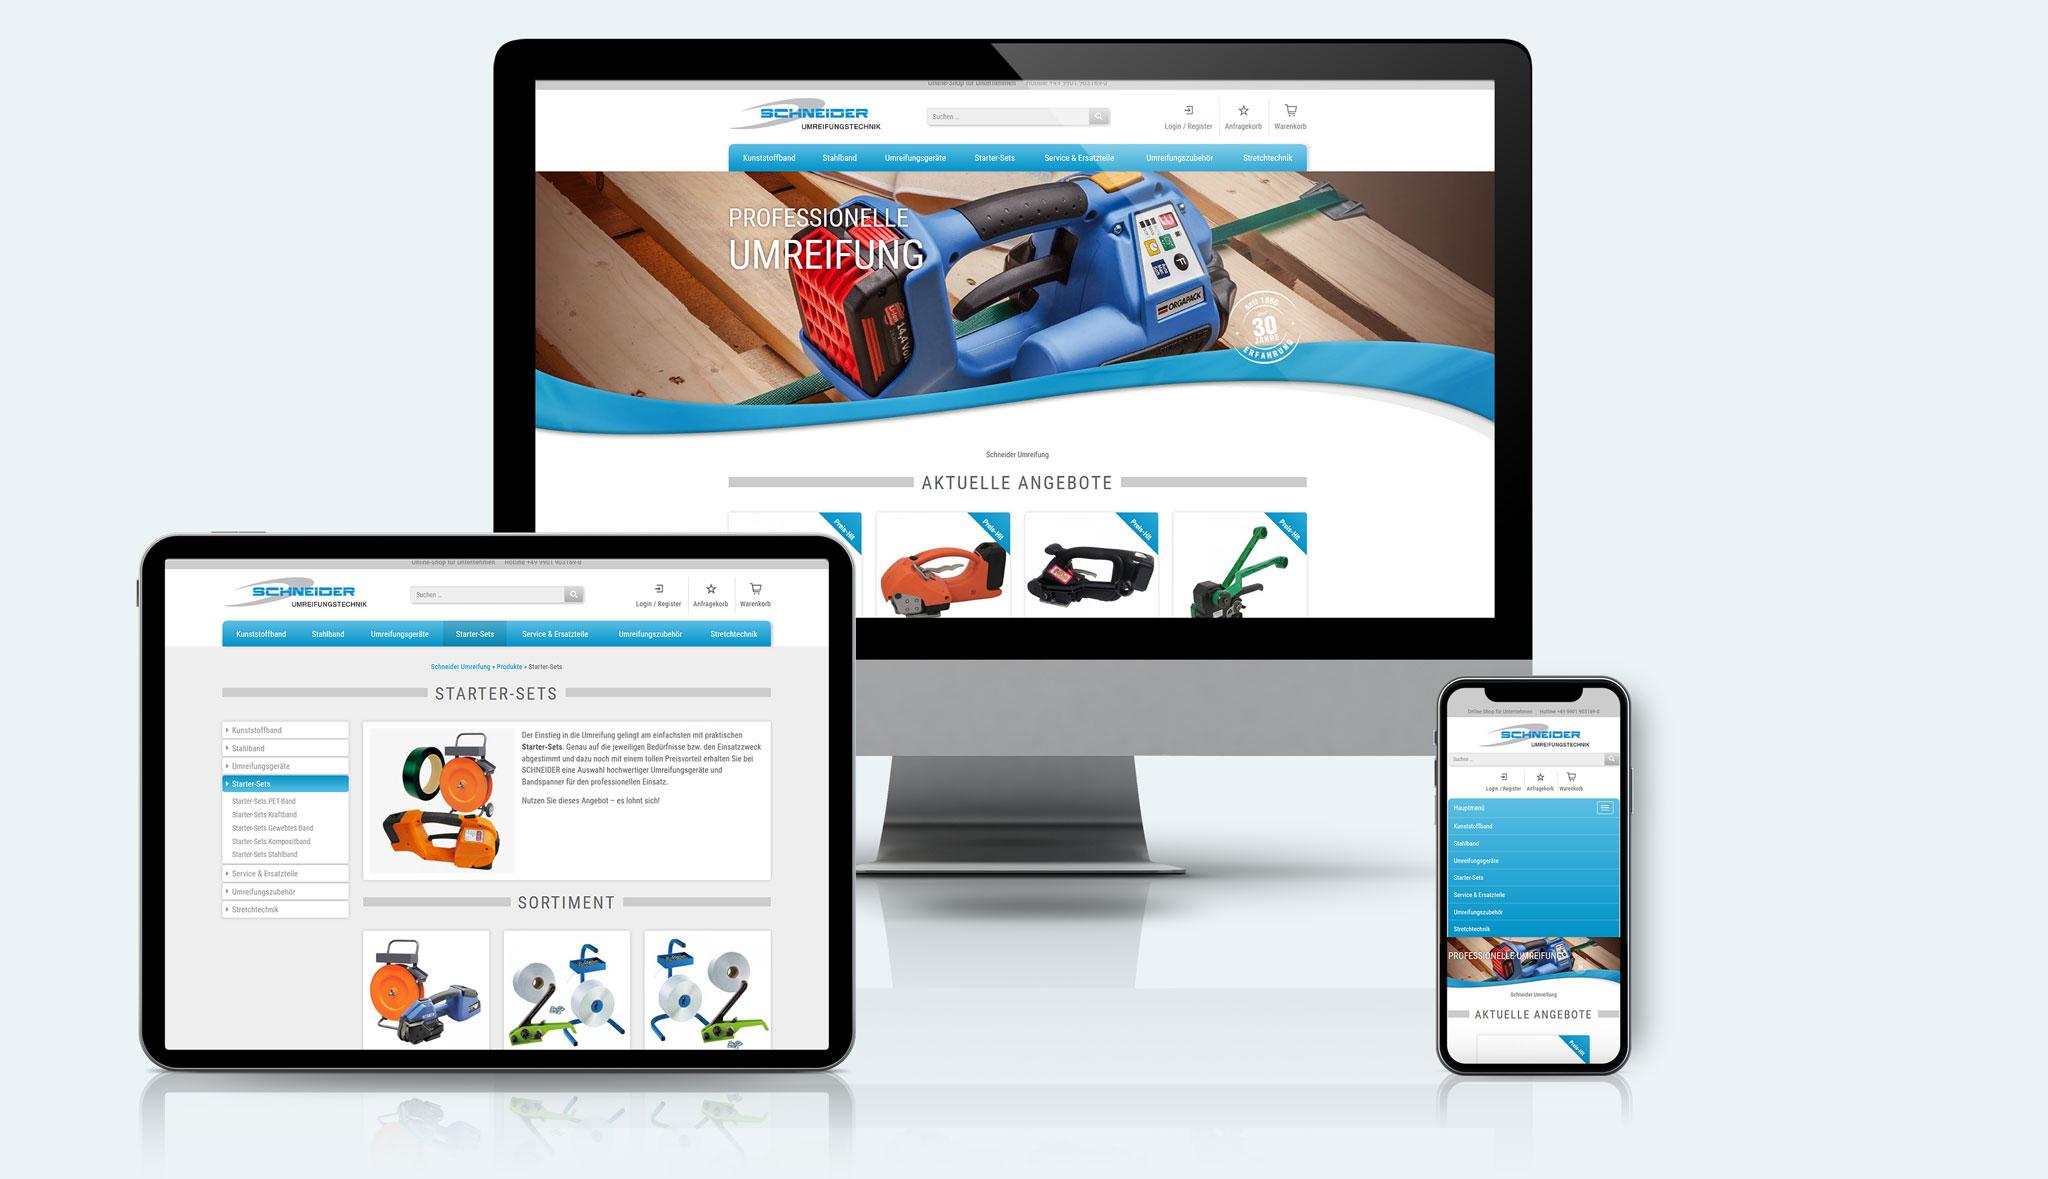 Schneider Umreifungstechnik Website | Werbeagentur Roland C. Ritter